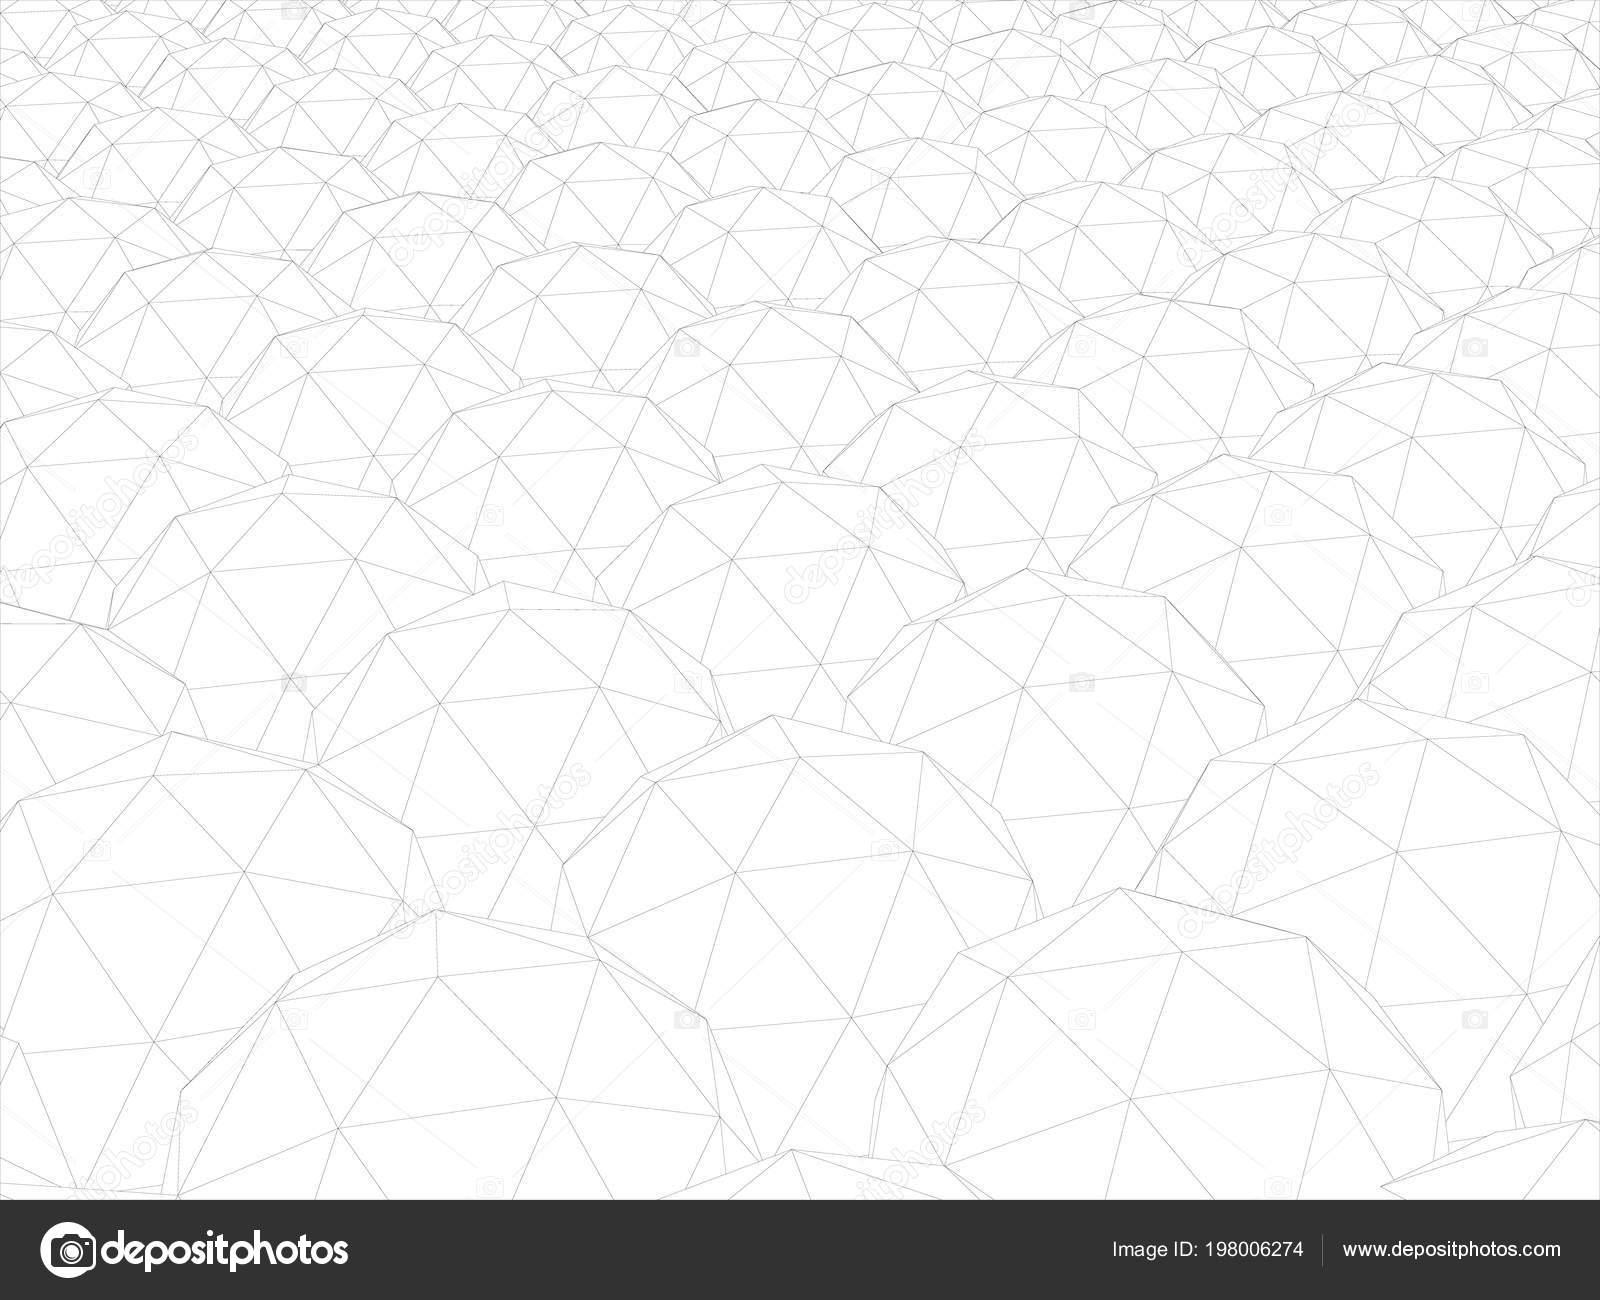 Background Geometric Shapes Background Black White Geometric